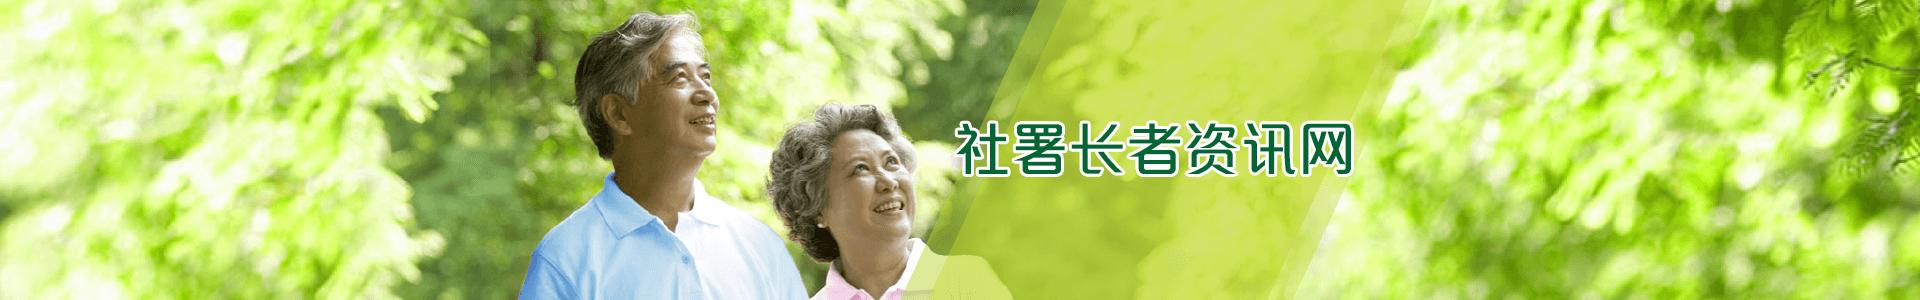 社署长者资讯网